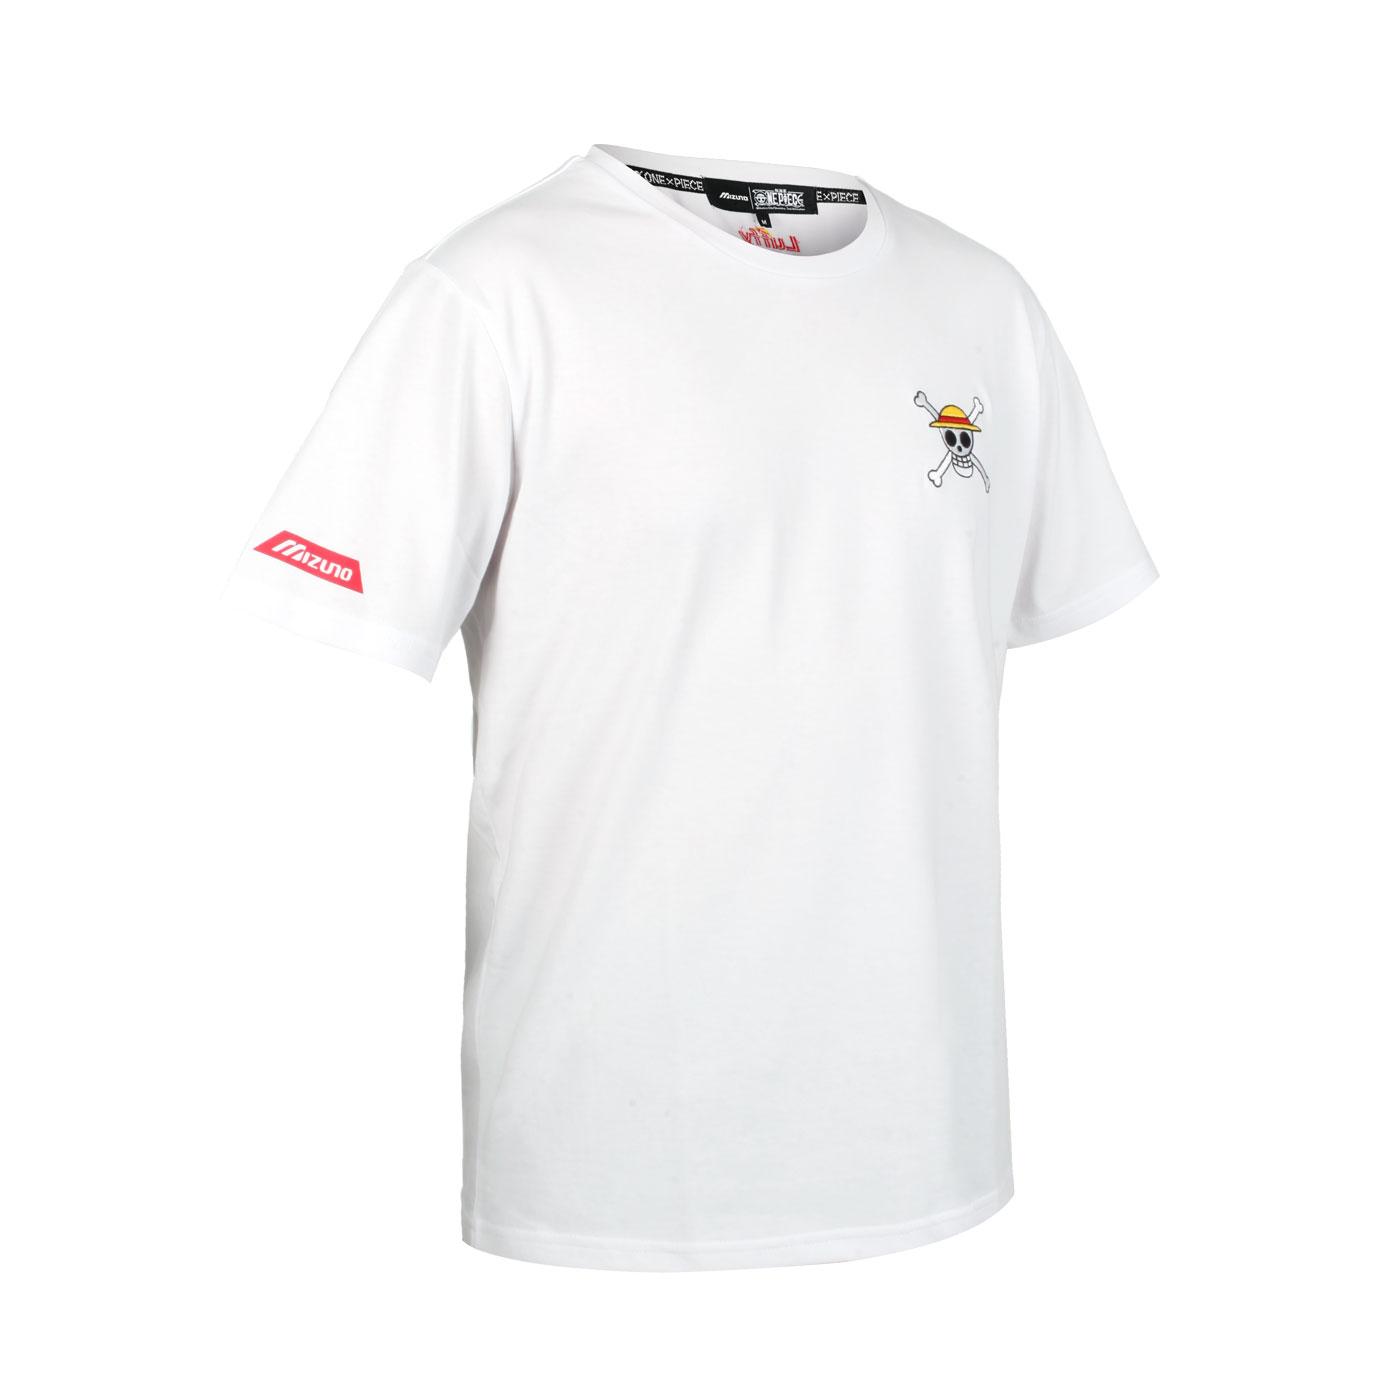 MIZUNO 特定-男款短袖T恤-魯夫款(海賊王聯名款) D2TA150901 - 白紅黃